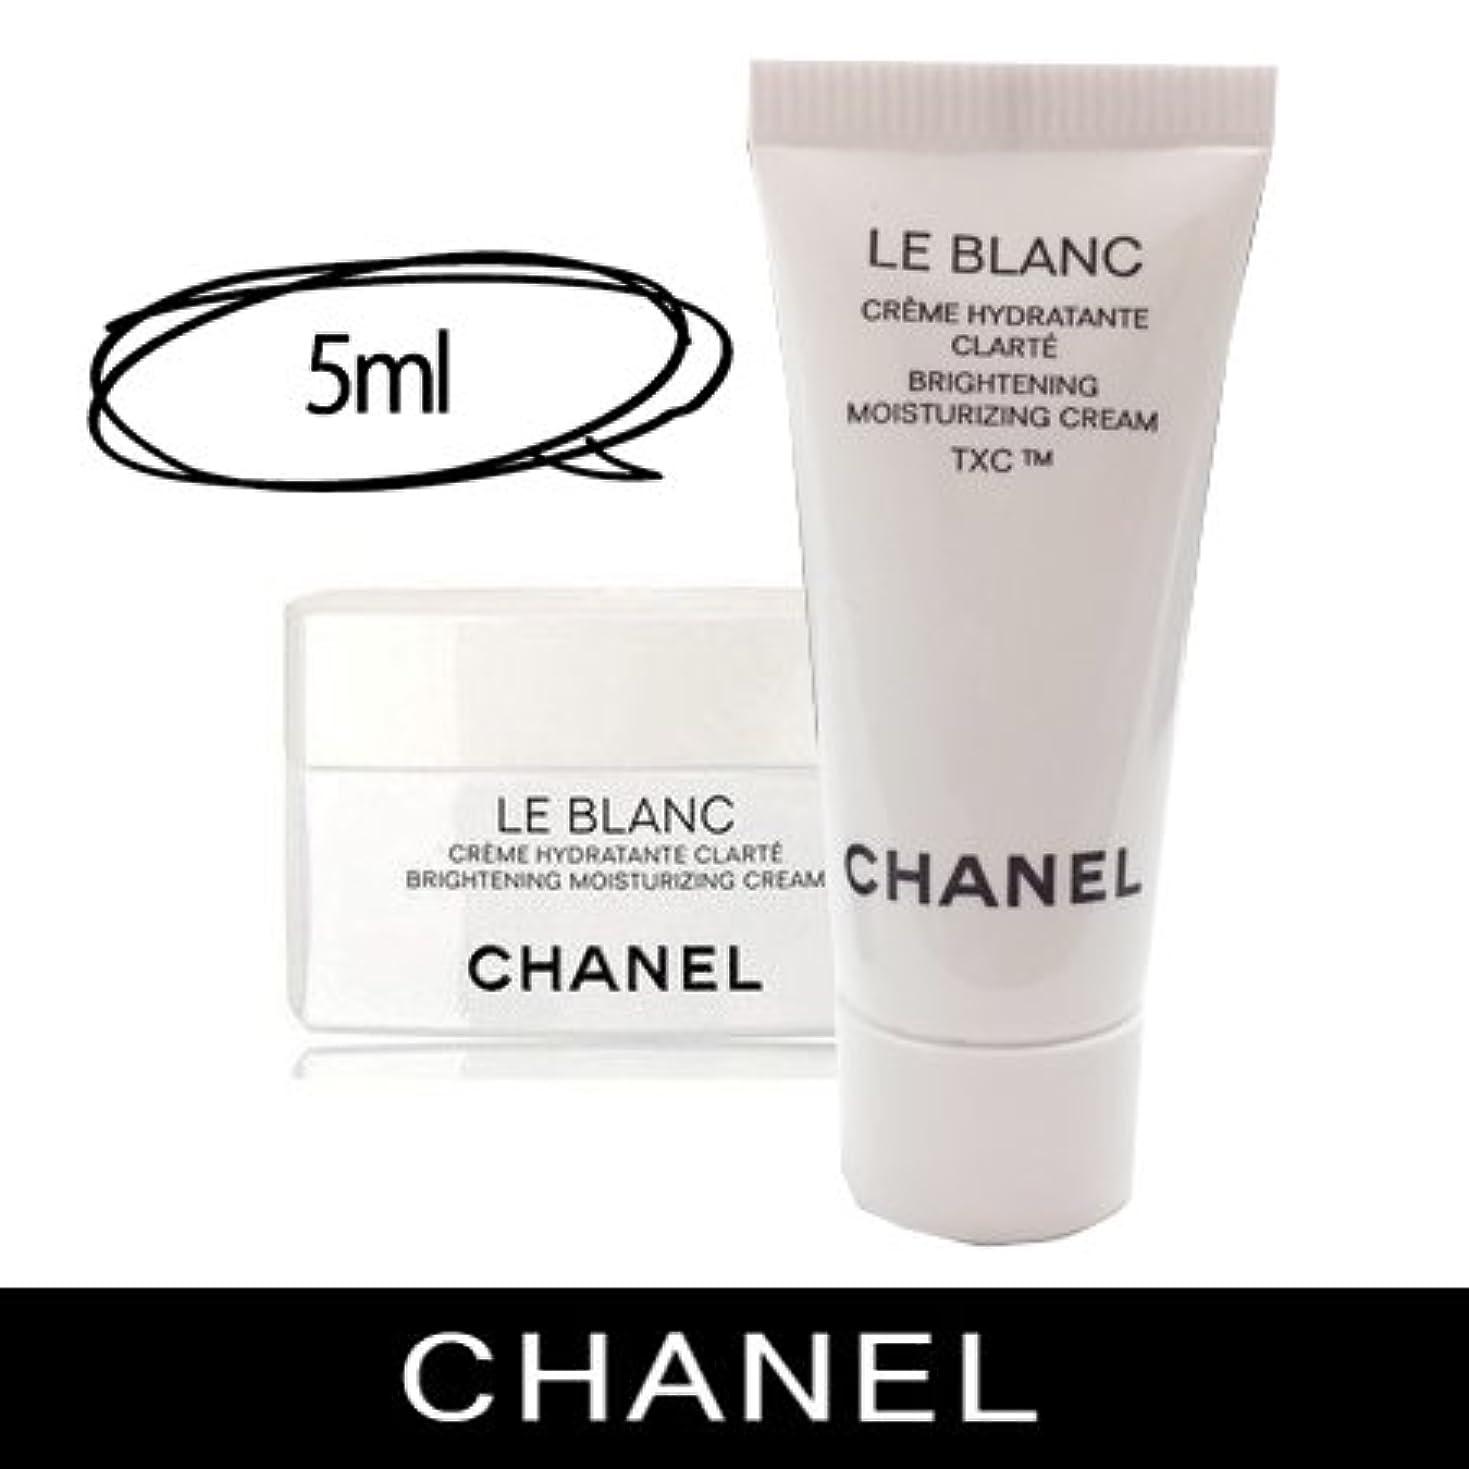 計算罪結果としてシャネル ルブラン ブライトニング クリーム 5ml -CHANEL-【並行輸入品】